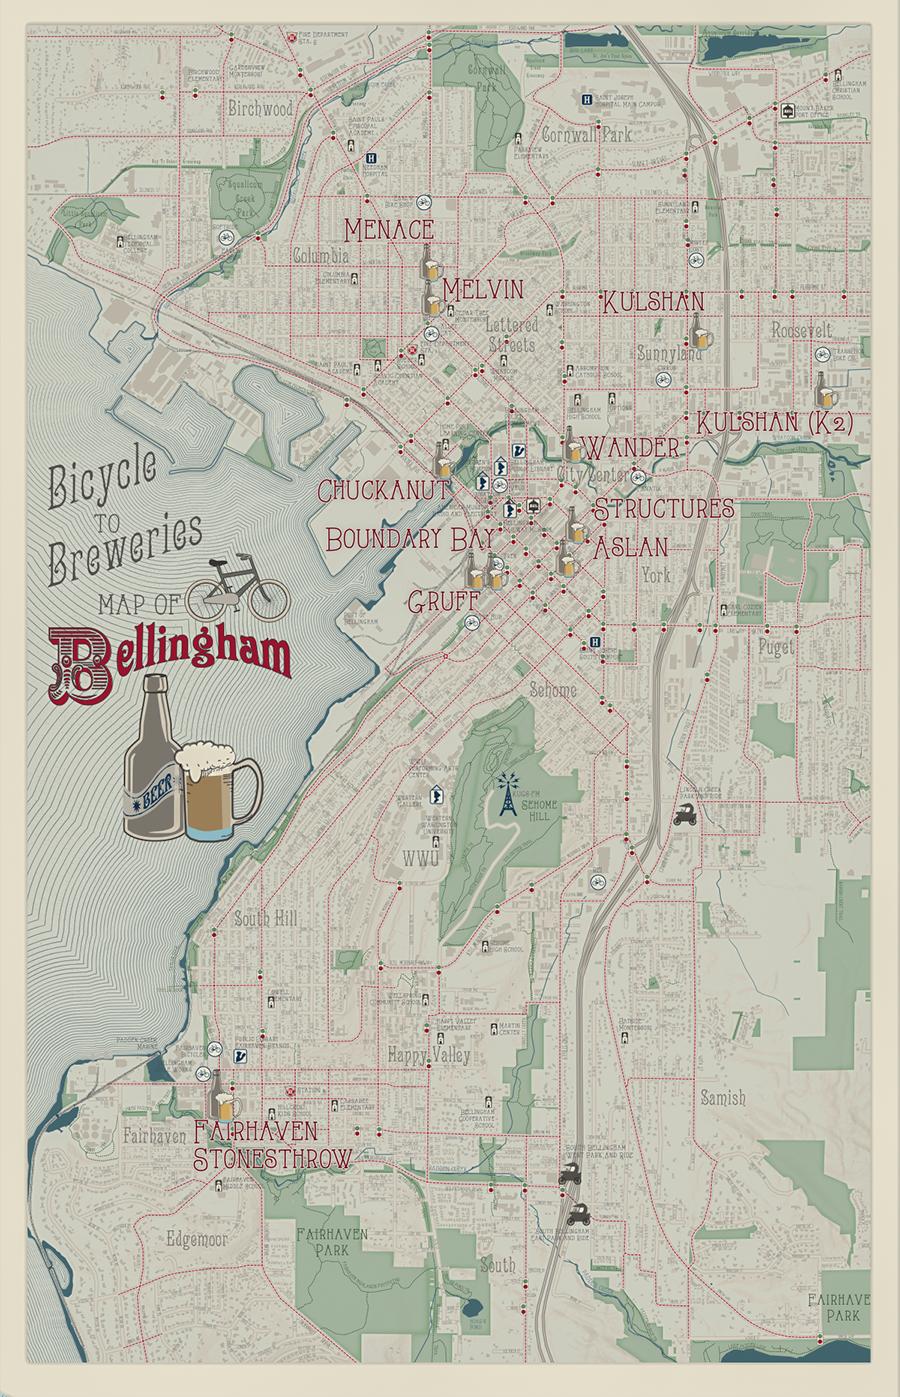 Bellingham Beer & Bikes Map by Sarah Bell